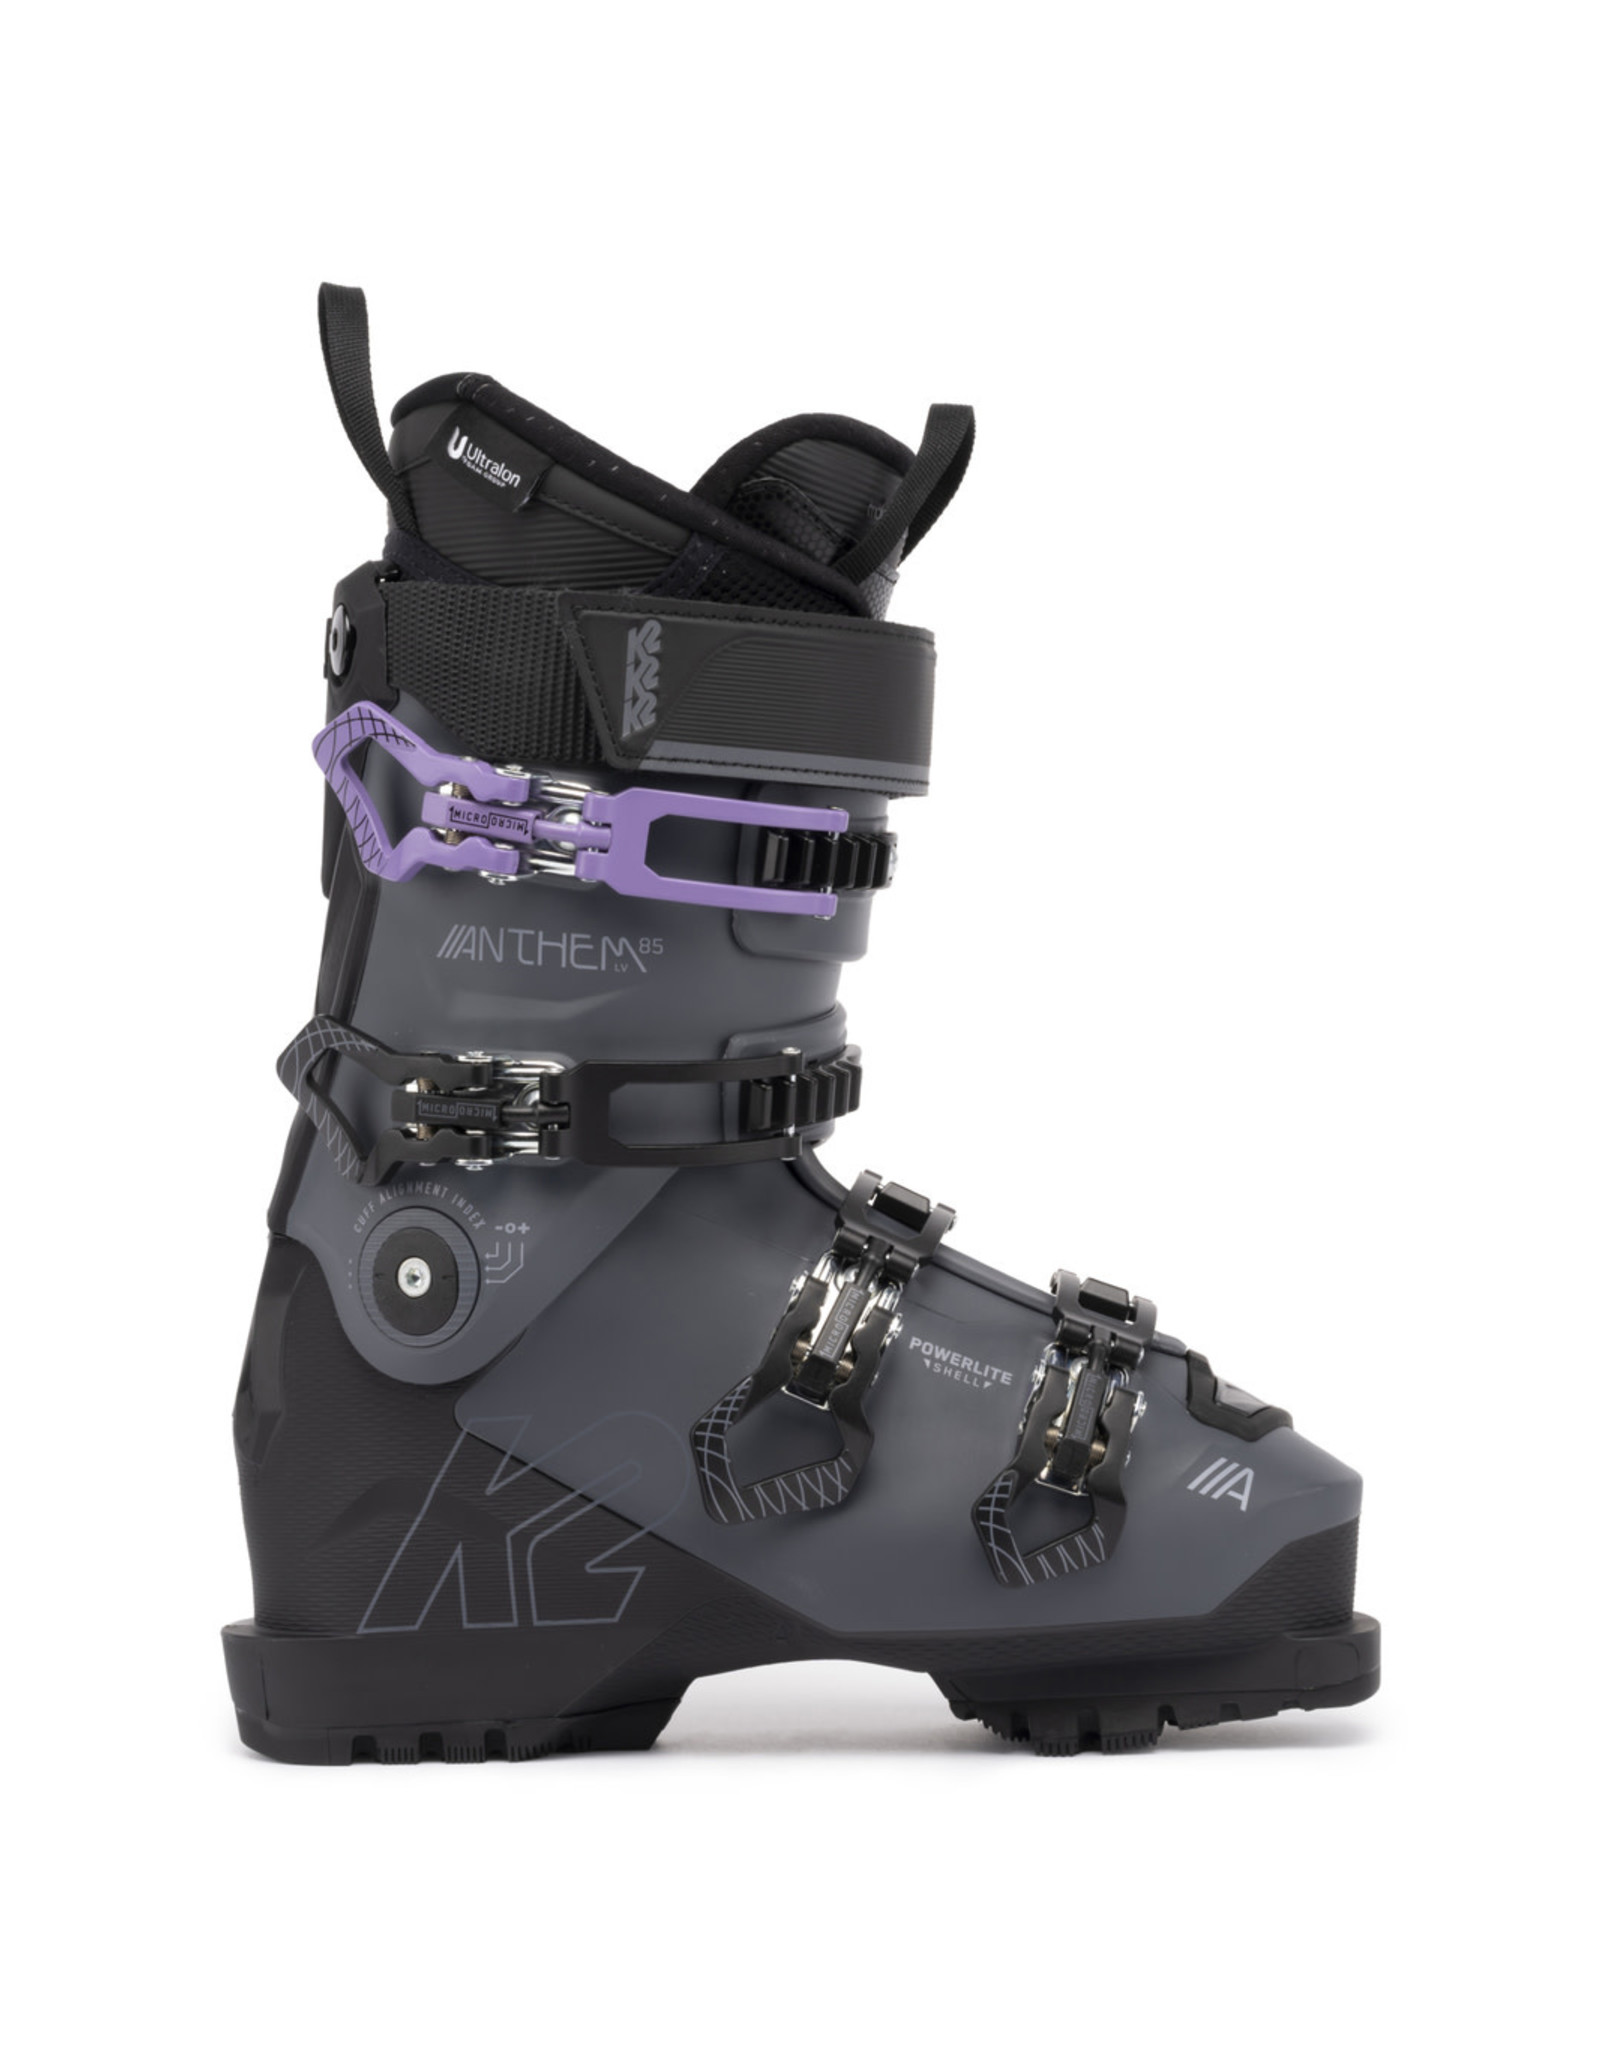 K2 K2 Ski Boots ANTHEM 85 LV (21/22)